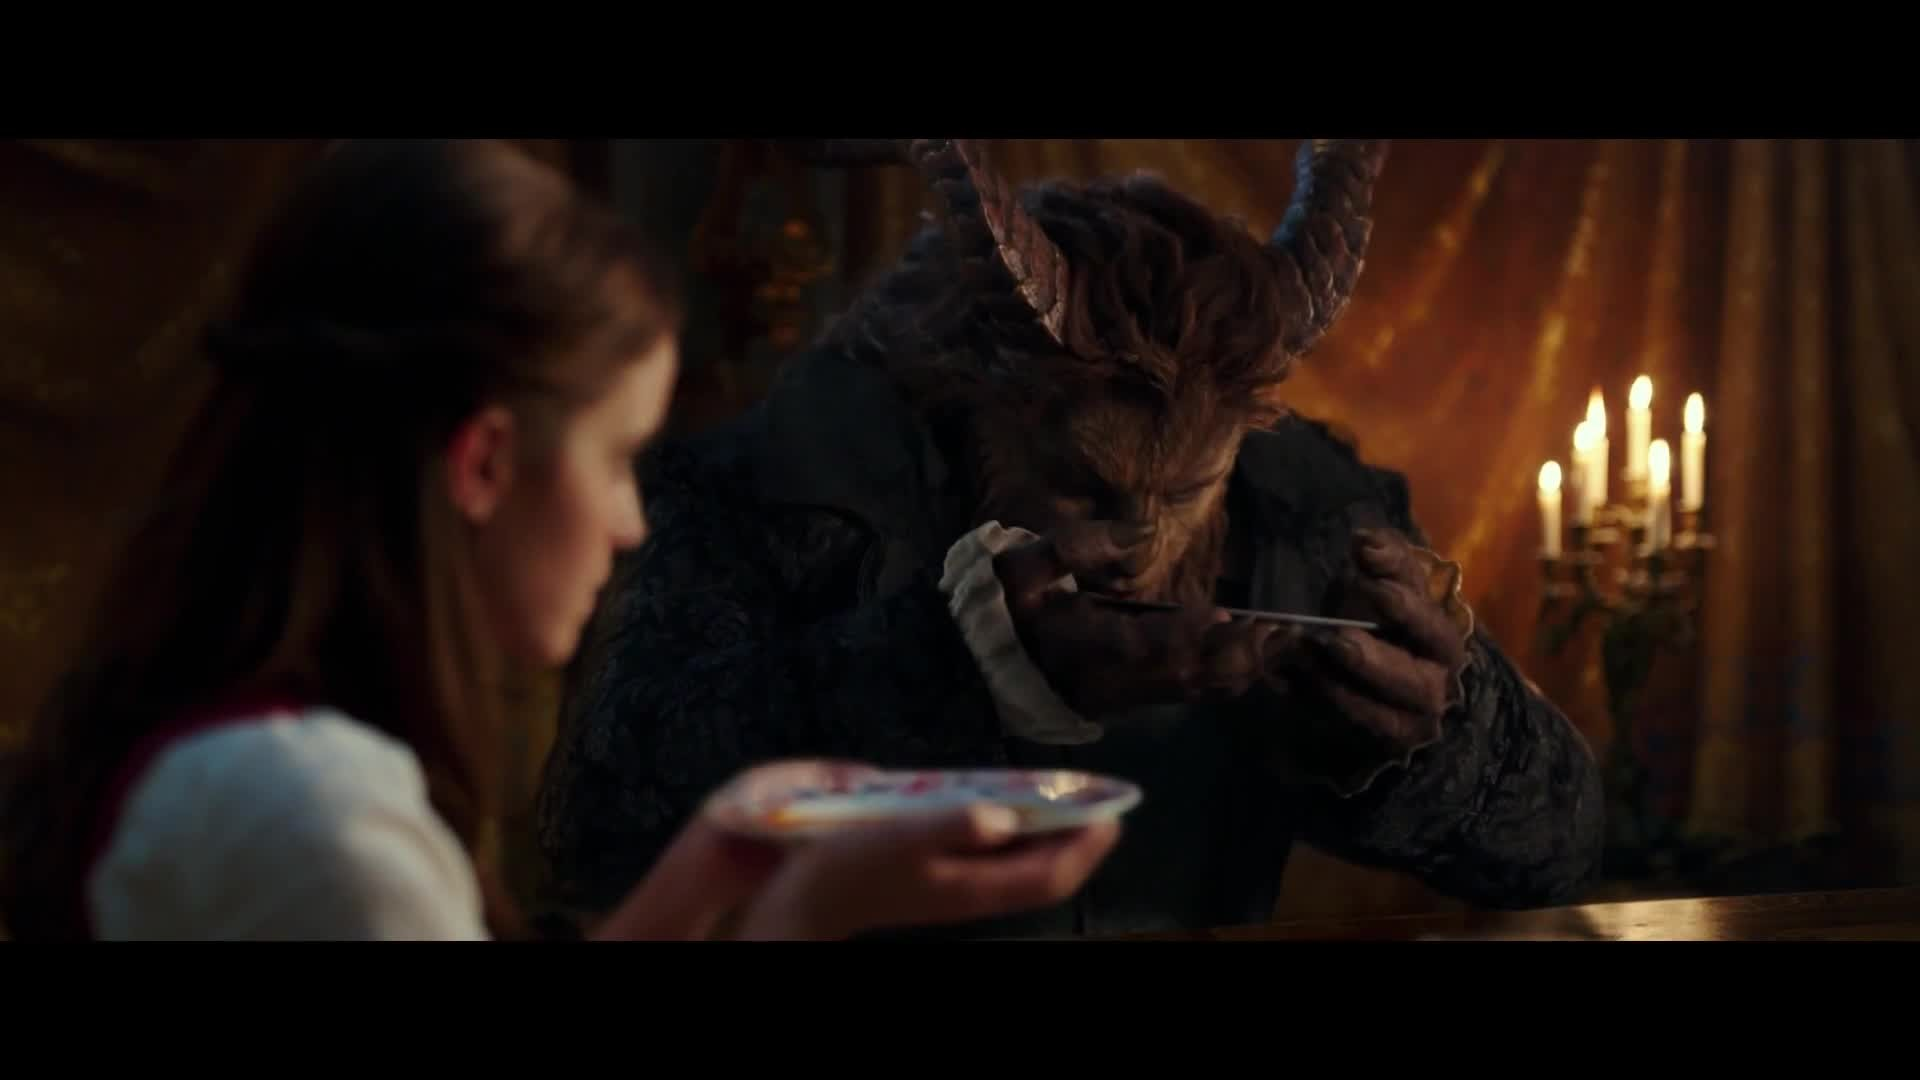 Beastly full movie